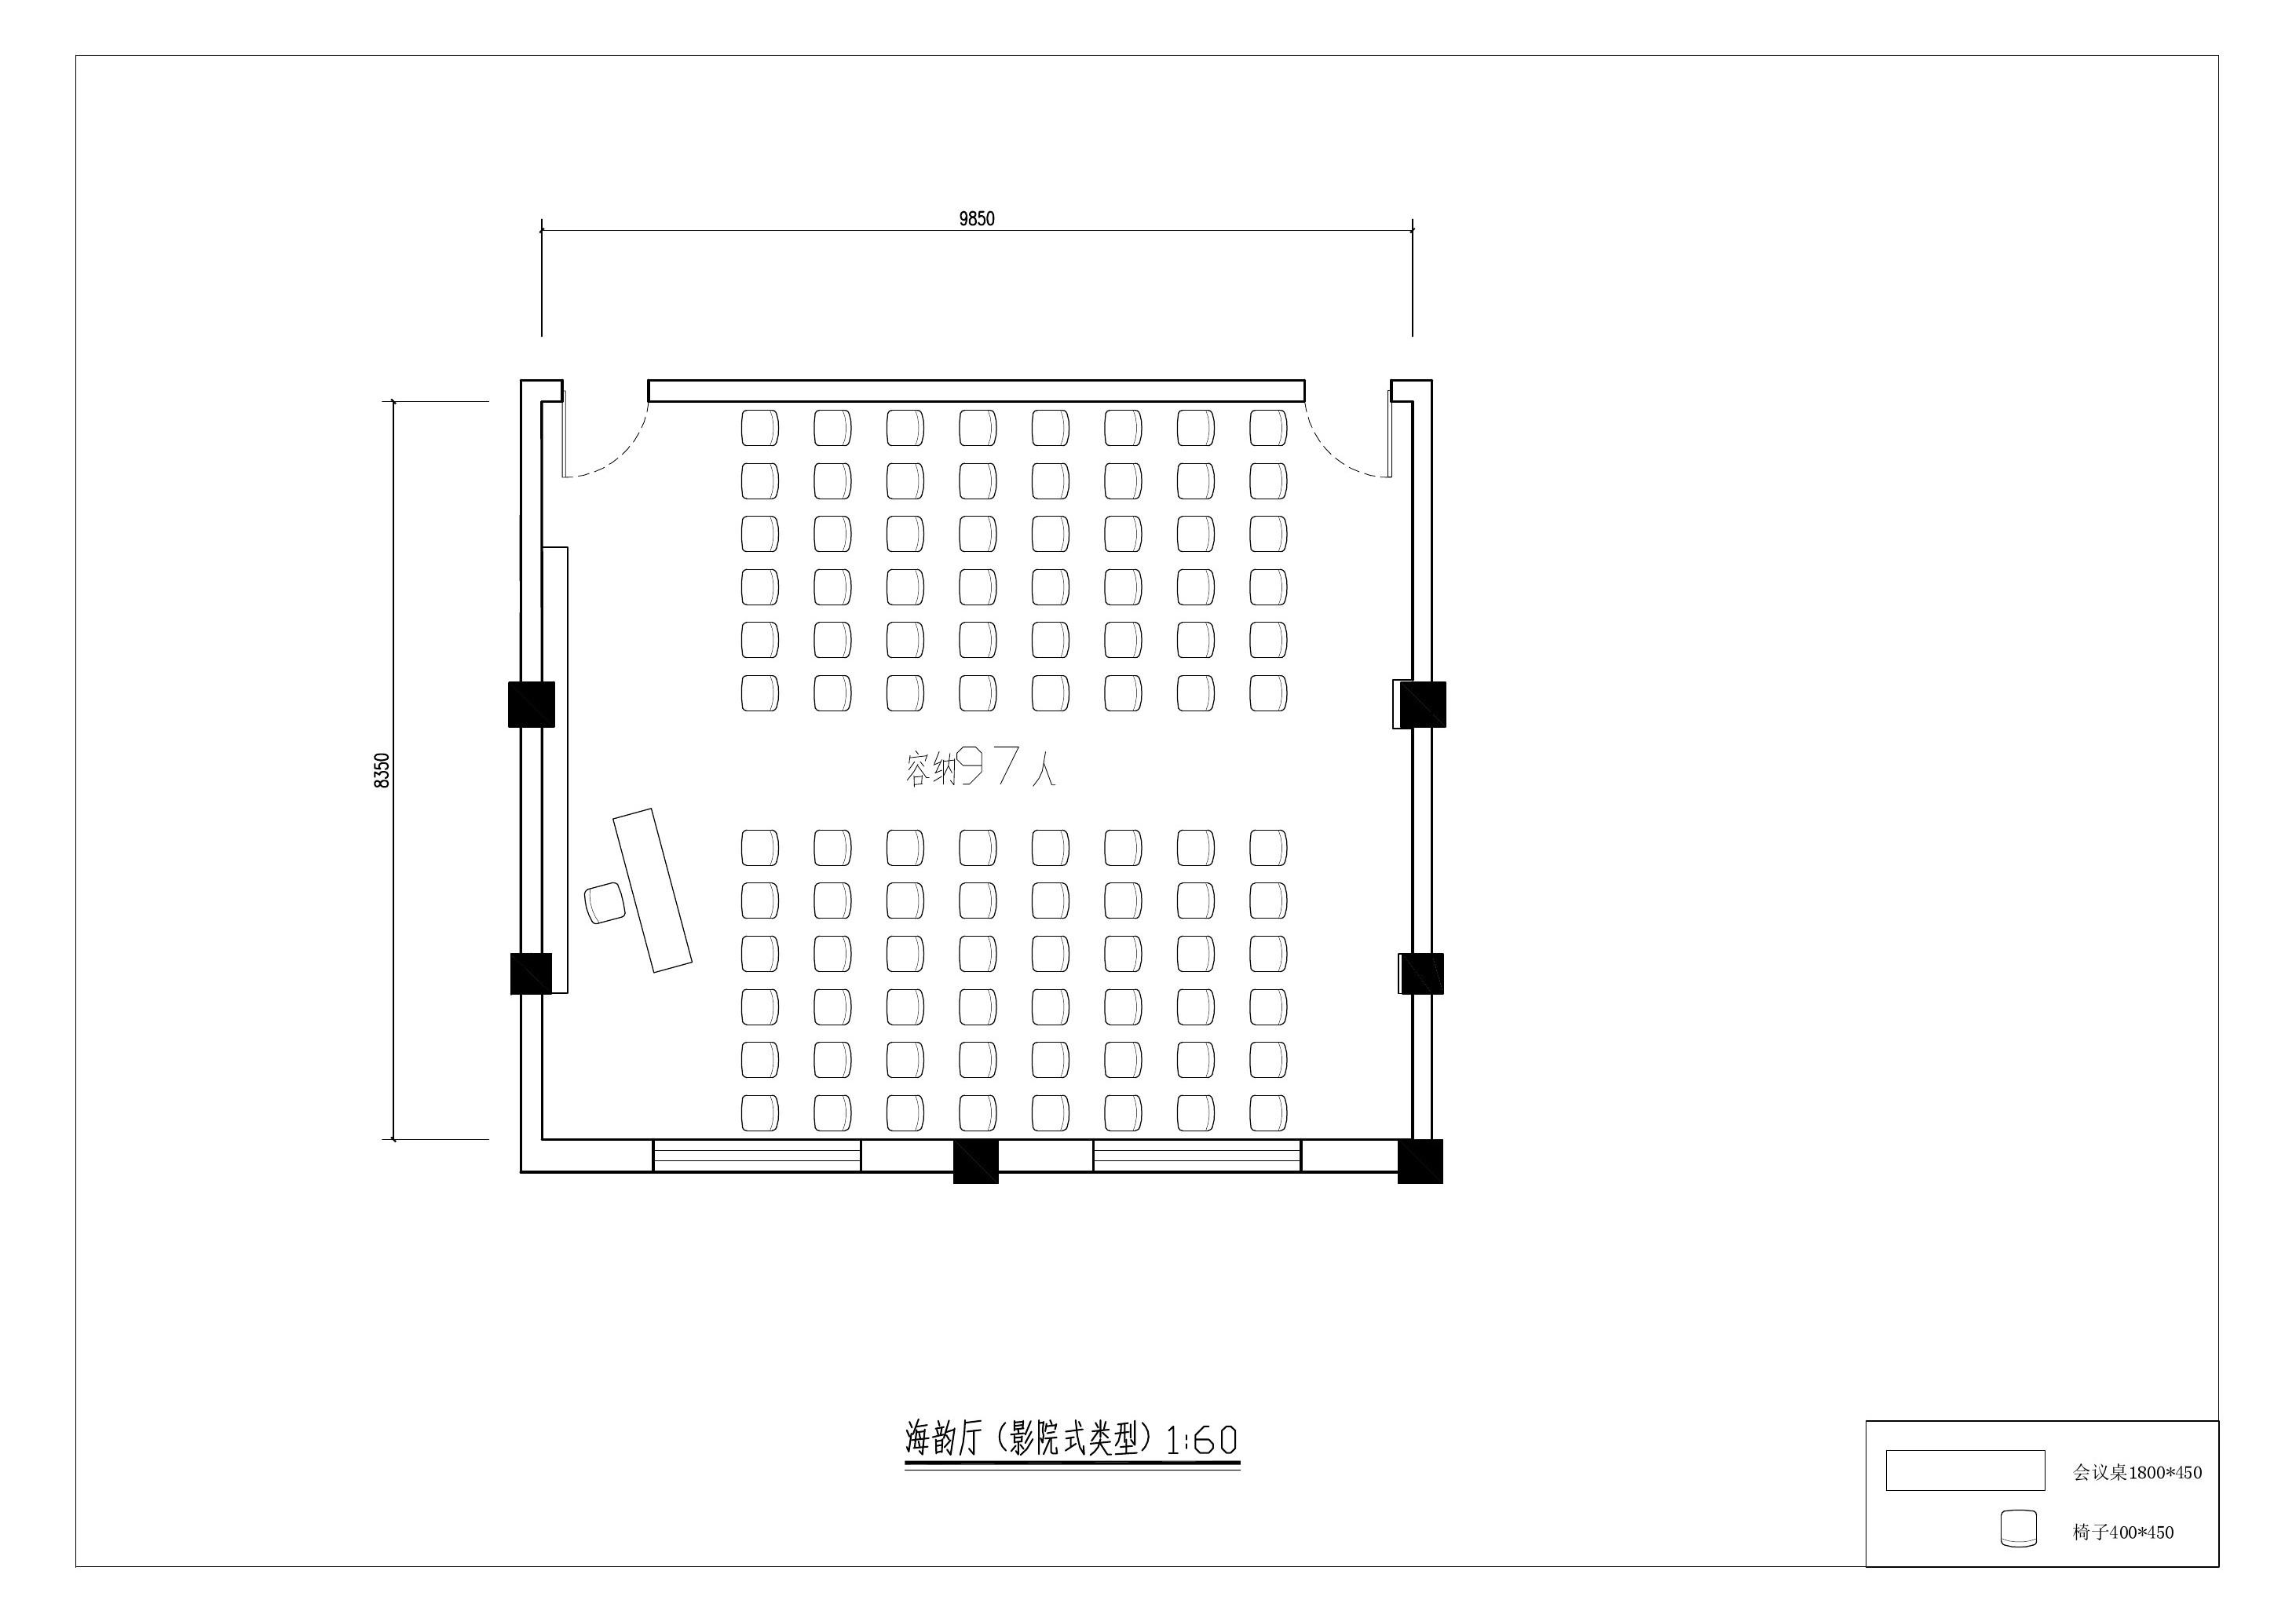 海韵厅影院式平面布置图_modified.jpg